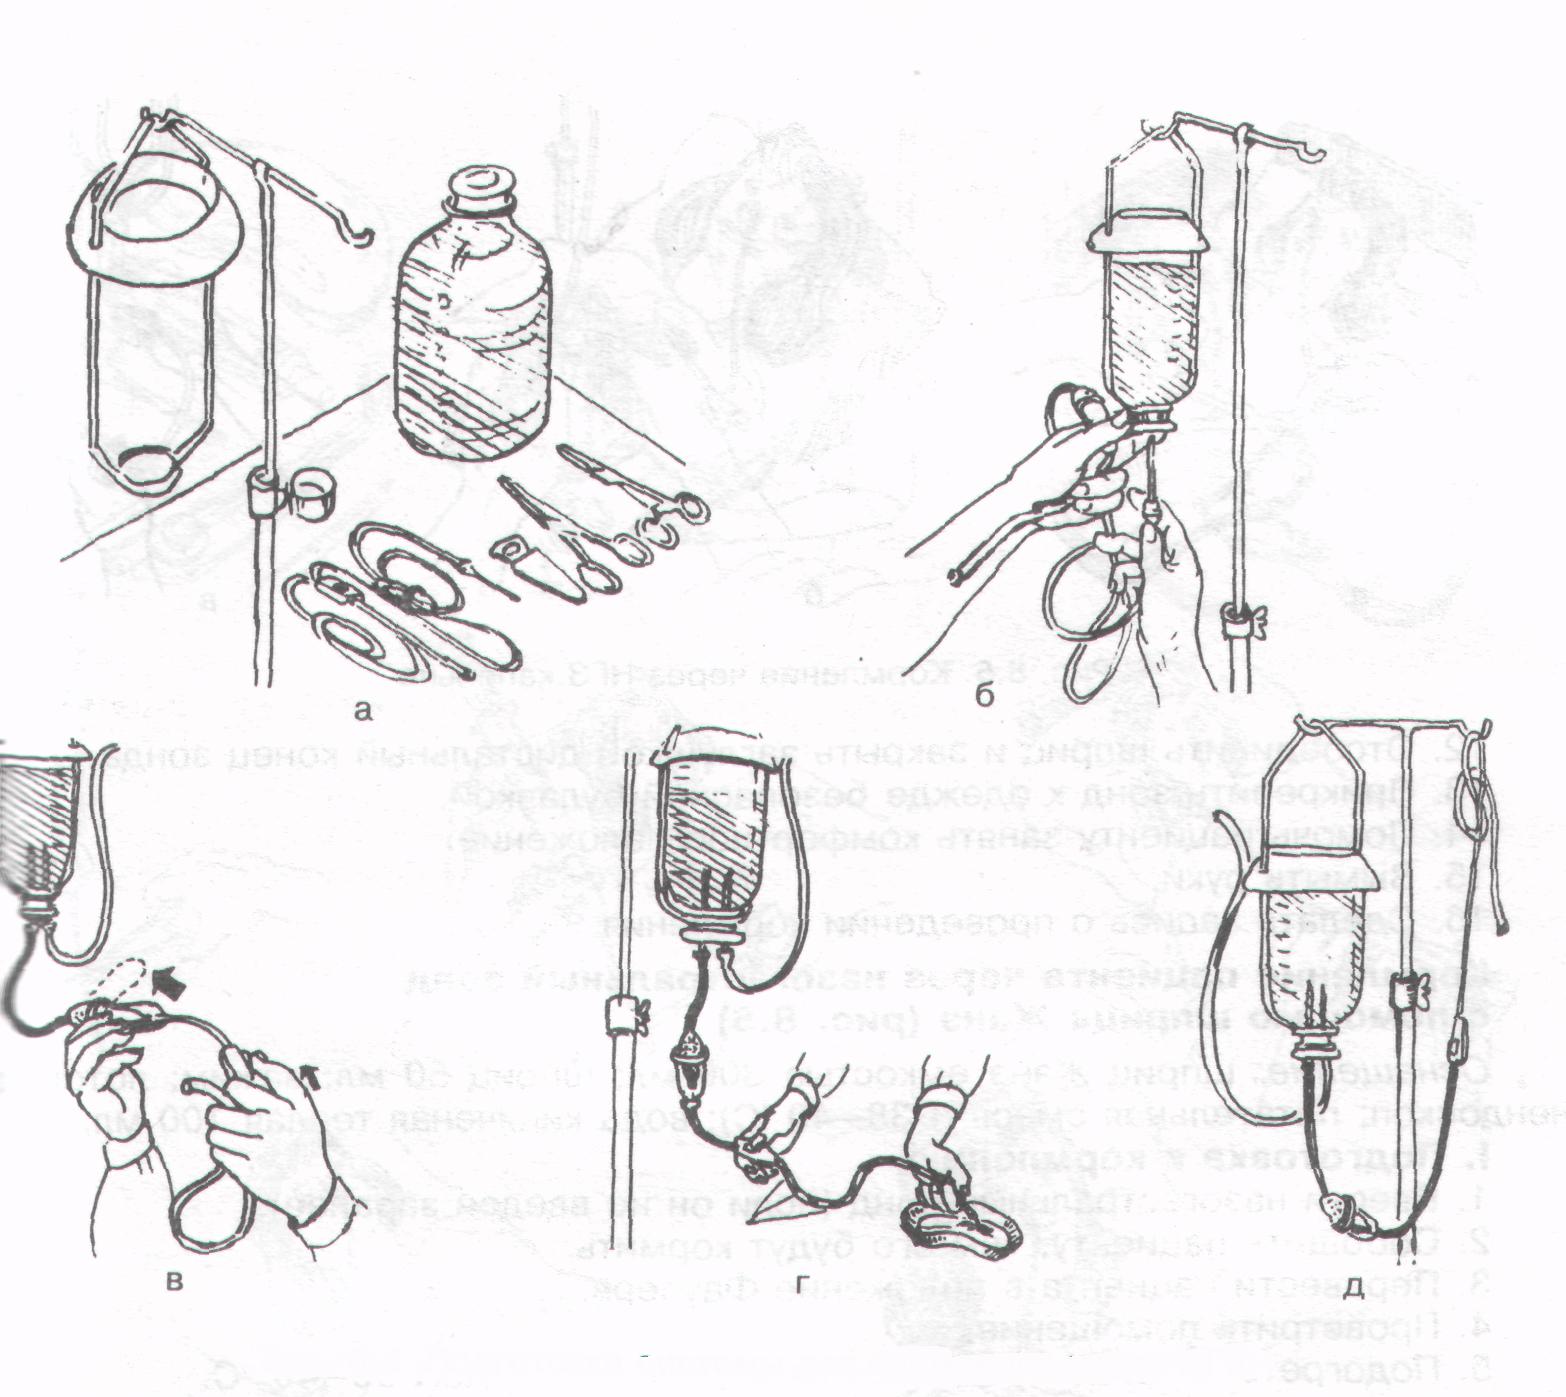 Домашняя капельница: поэтапная инструкция. стоит ли ставить капельницу в домашних условиях